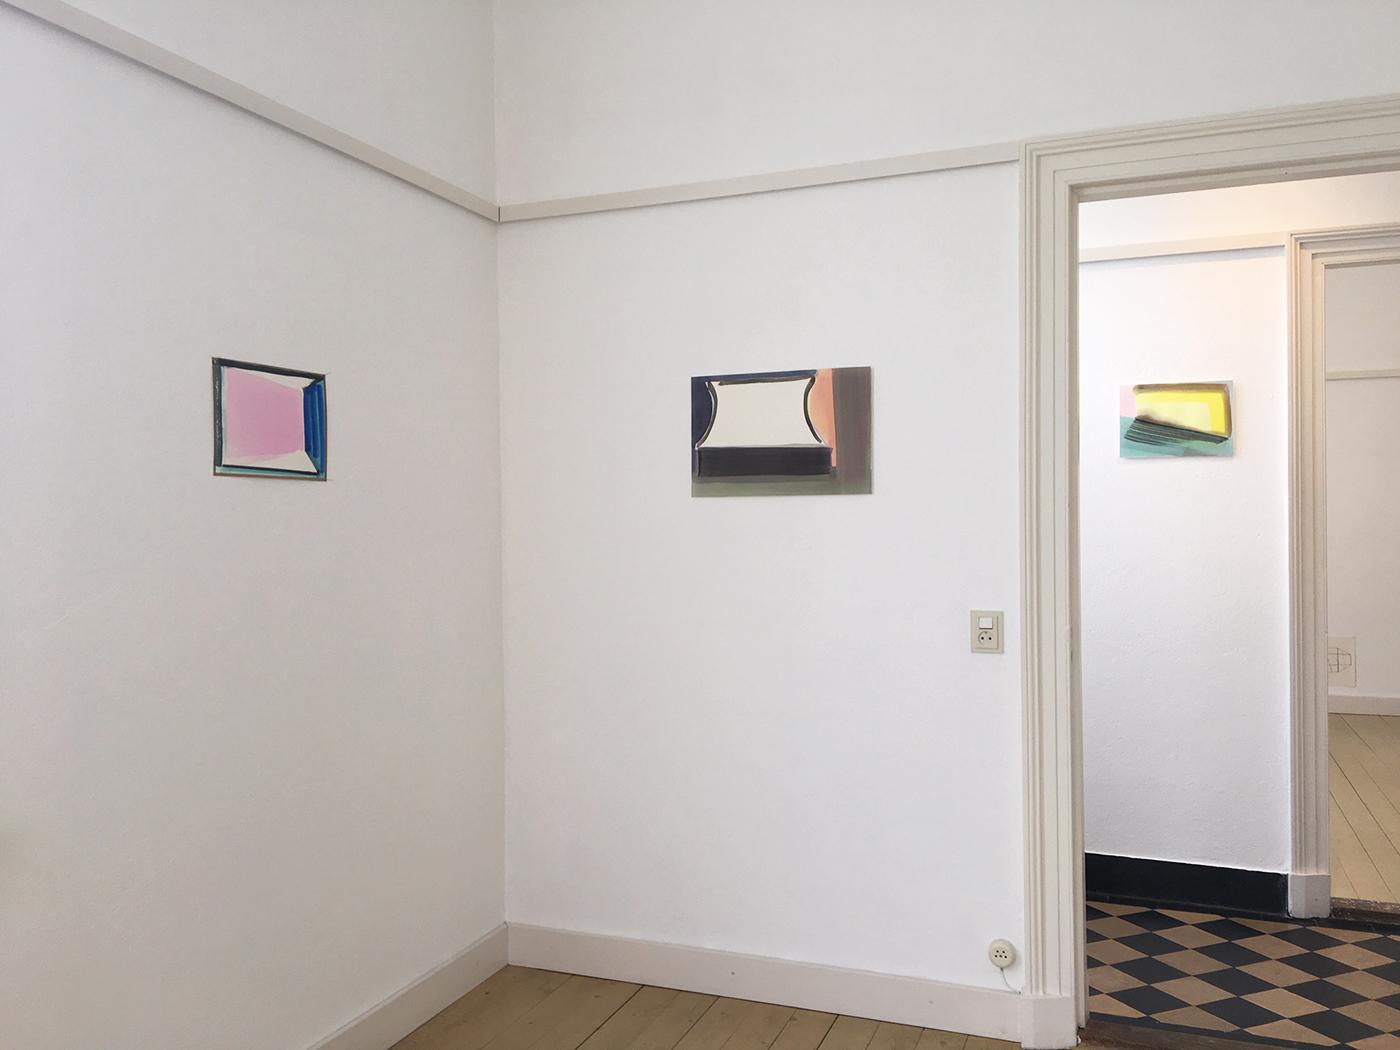 Hydrography VII, Galerie Agnes Raben met Ine  Dammers,  Iemke  van Dijk,  Lon Godin, Henriëtte van 't Hoog, Irene van de Mheen, Marena Seeling en Werner Windisch